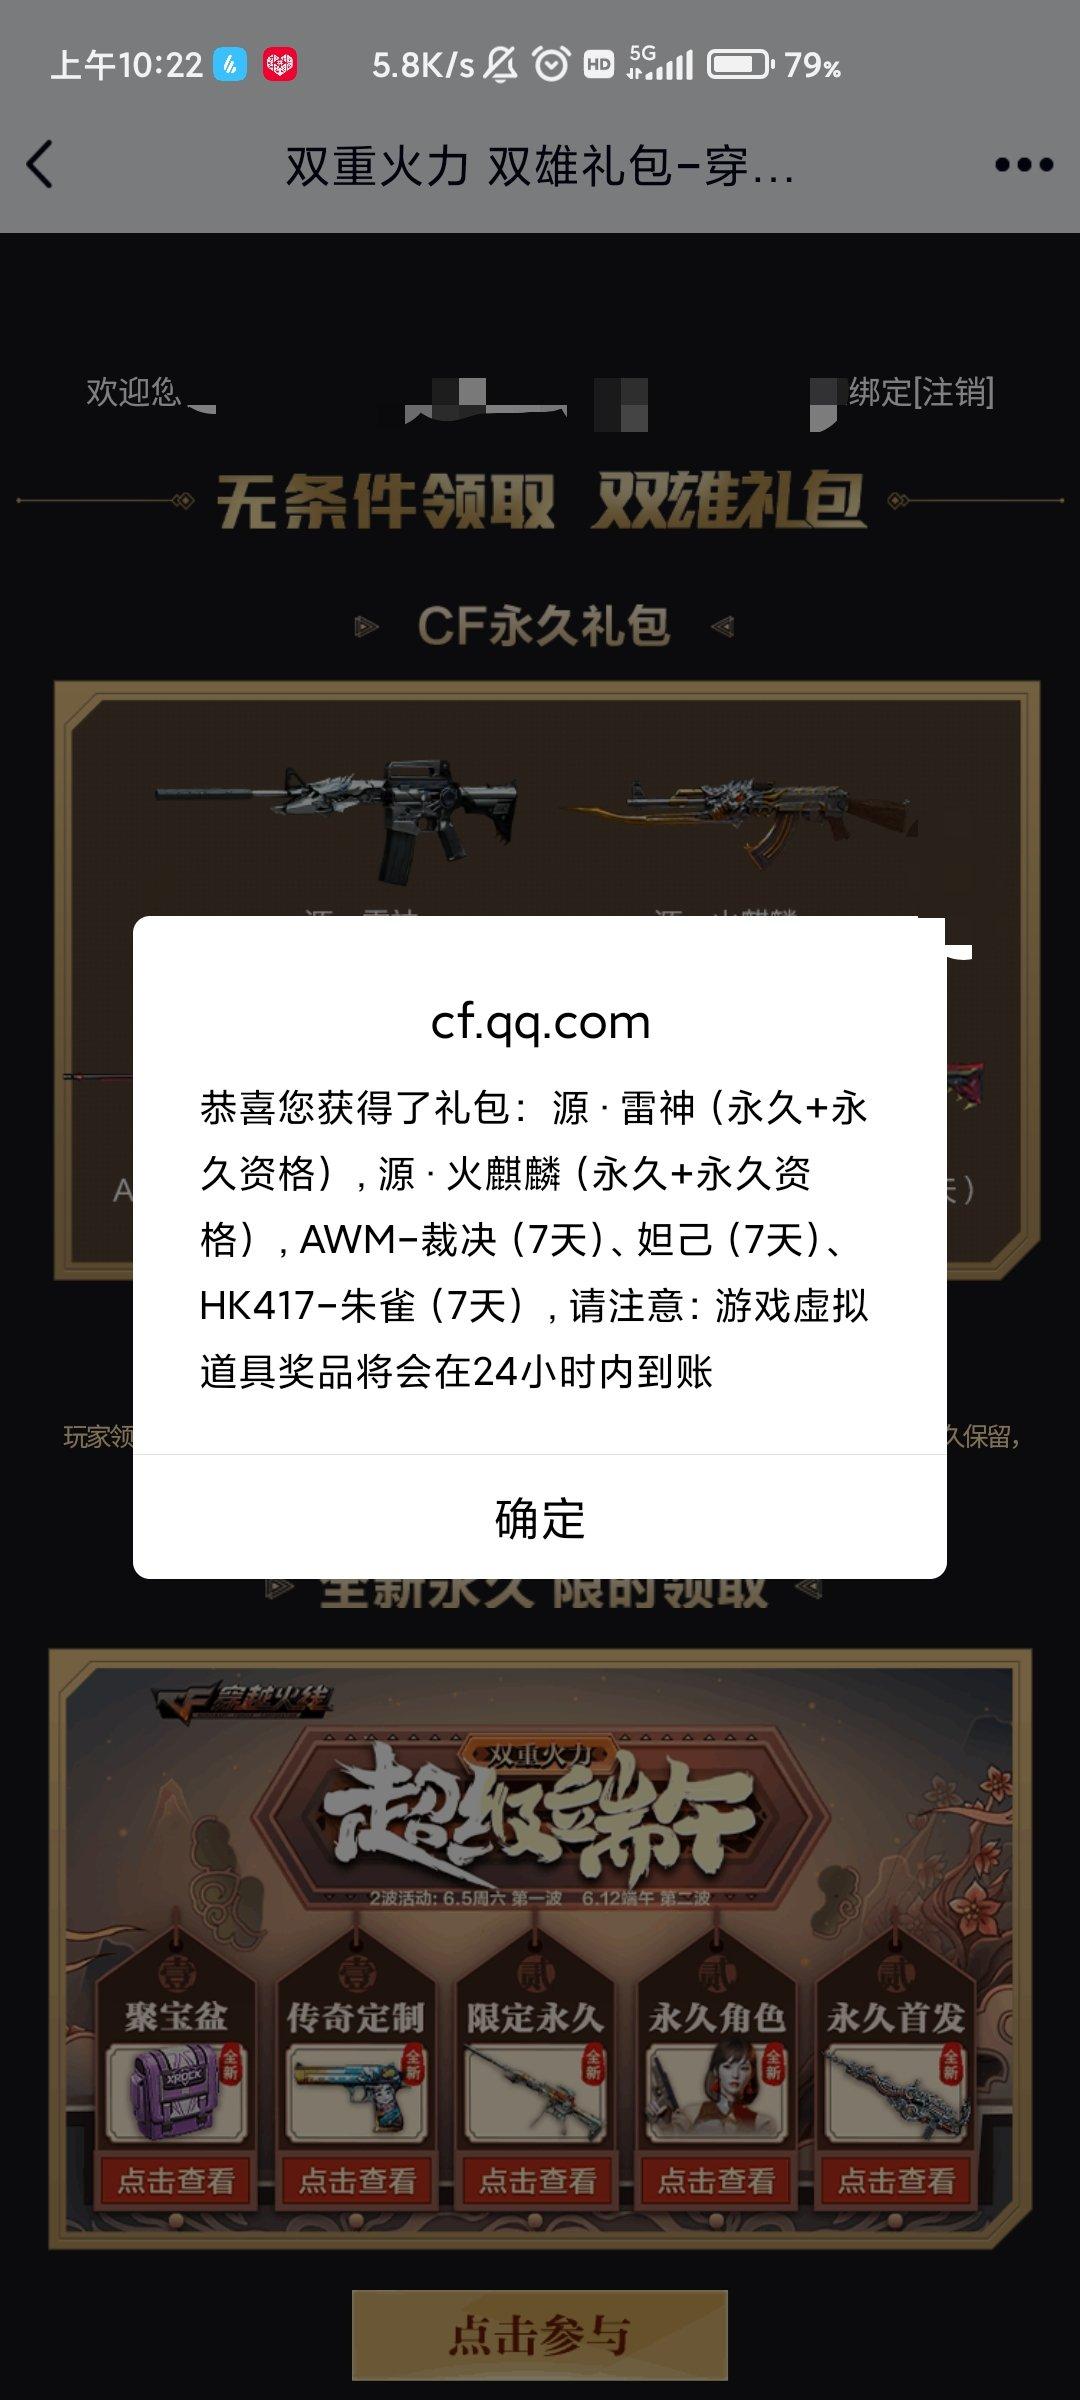 【虚拟物品】CF用户免费领永久枪